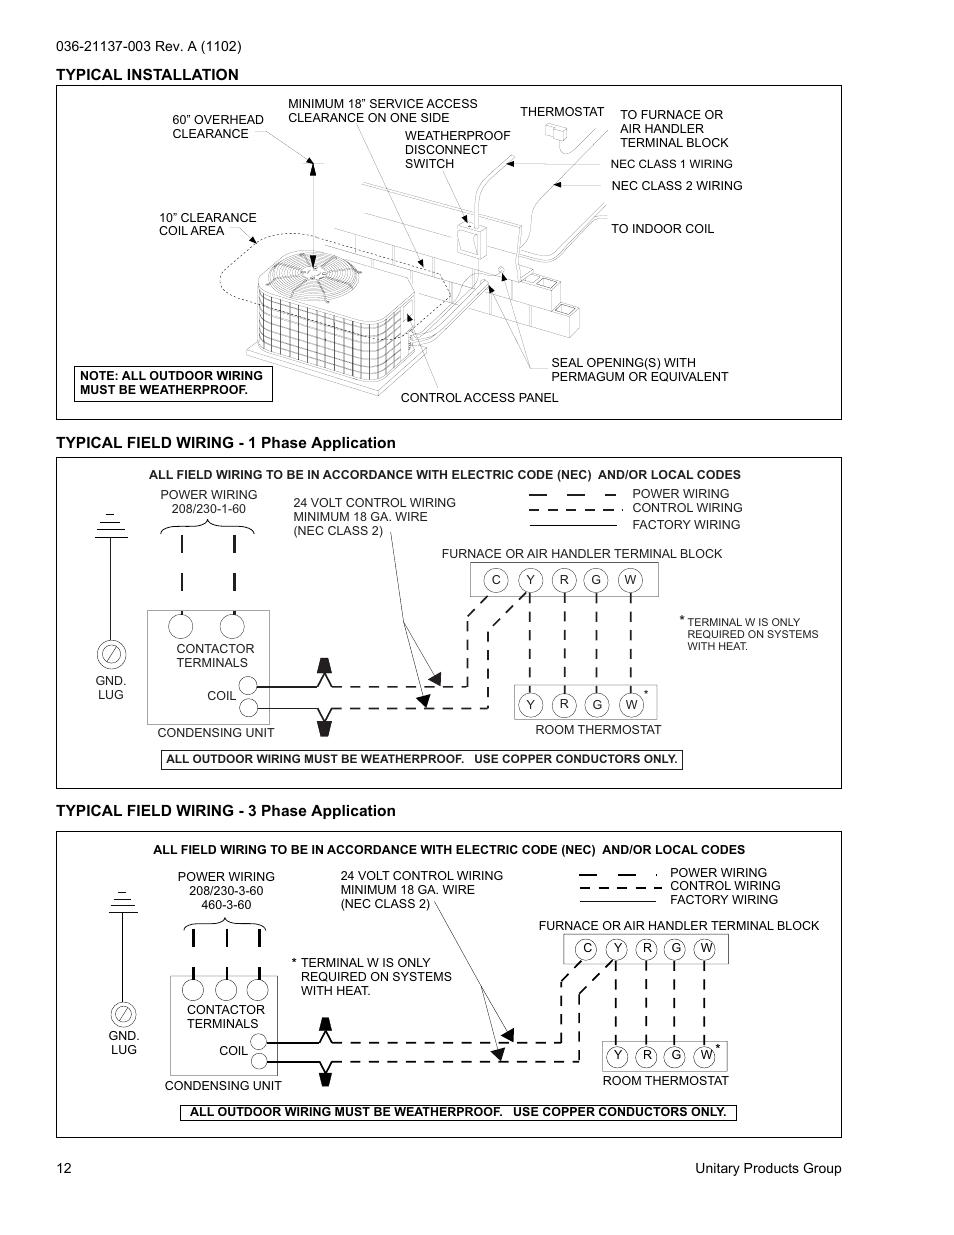 York Hrc018 Thru 060 User Manual Page 12 24 Original Mode Outdoor Wiring Code